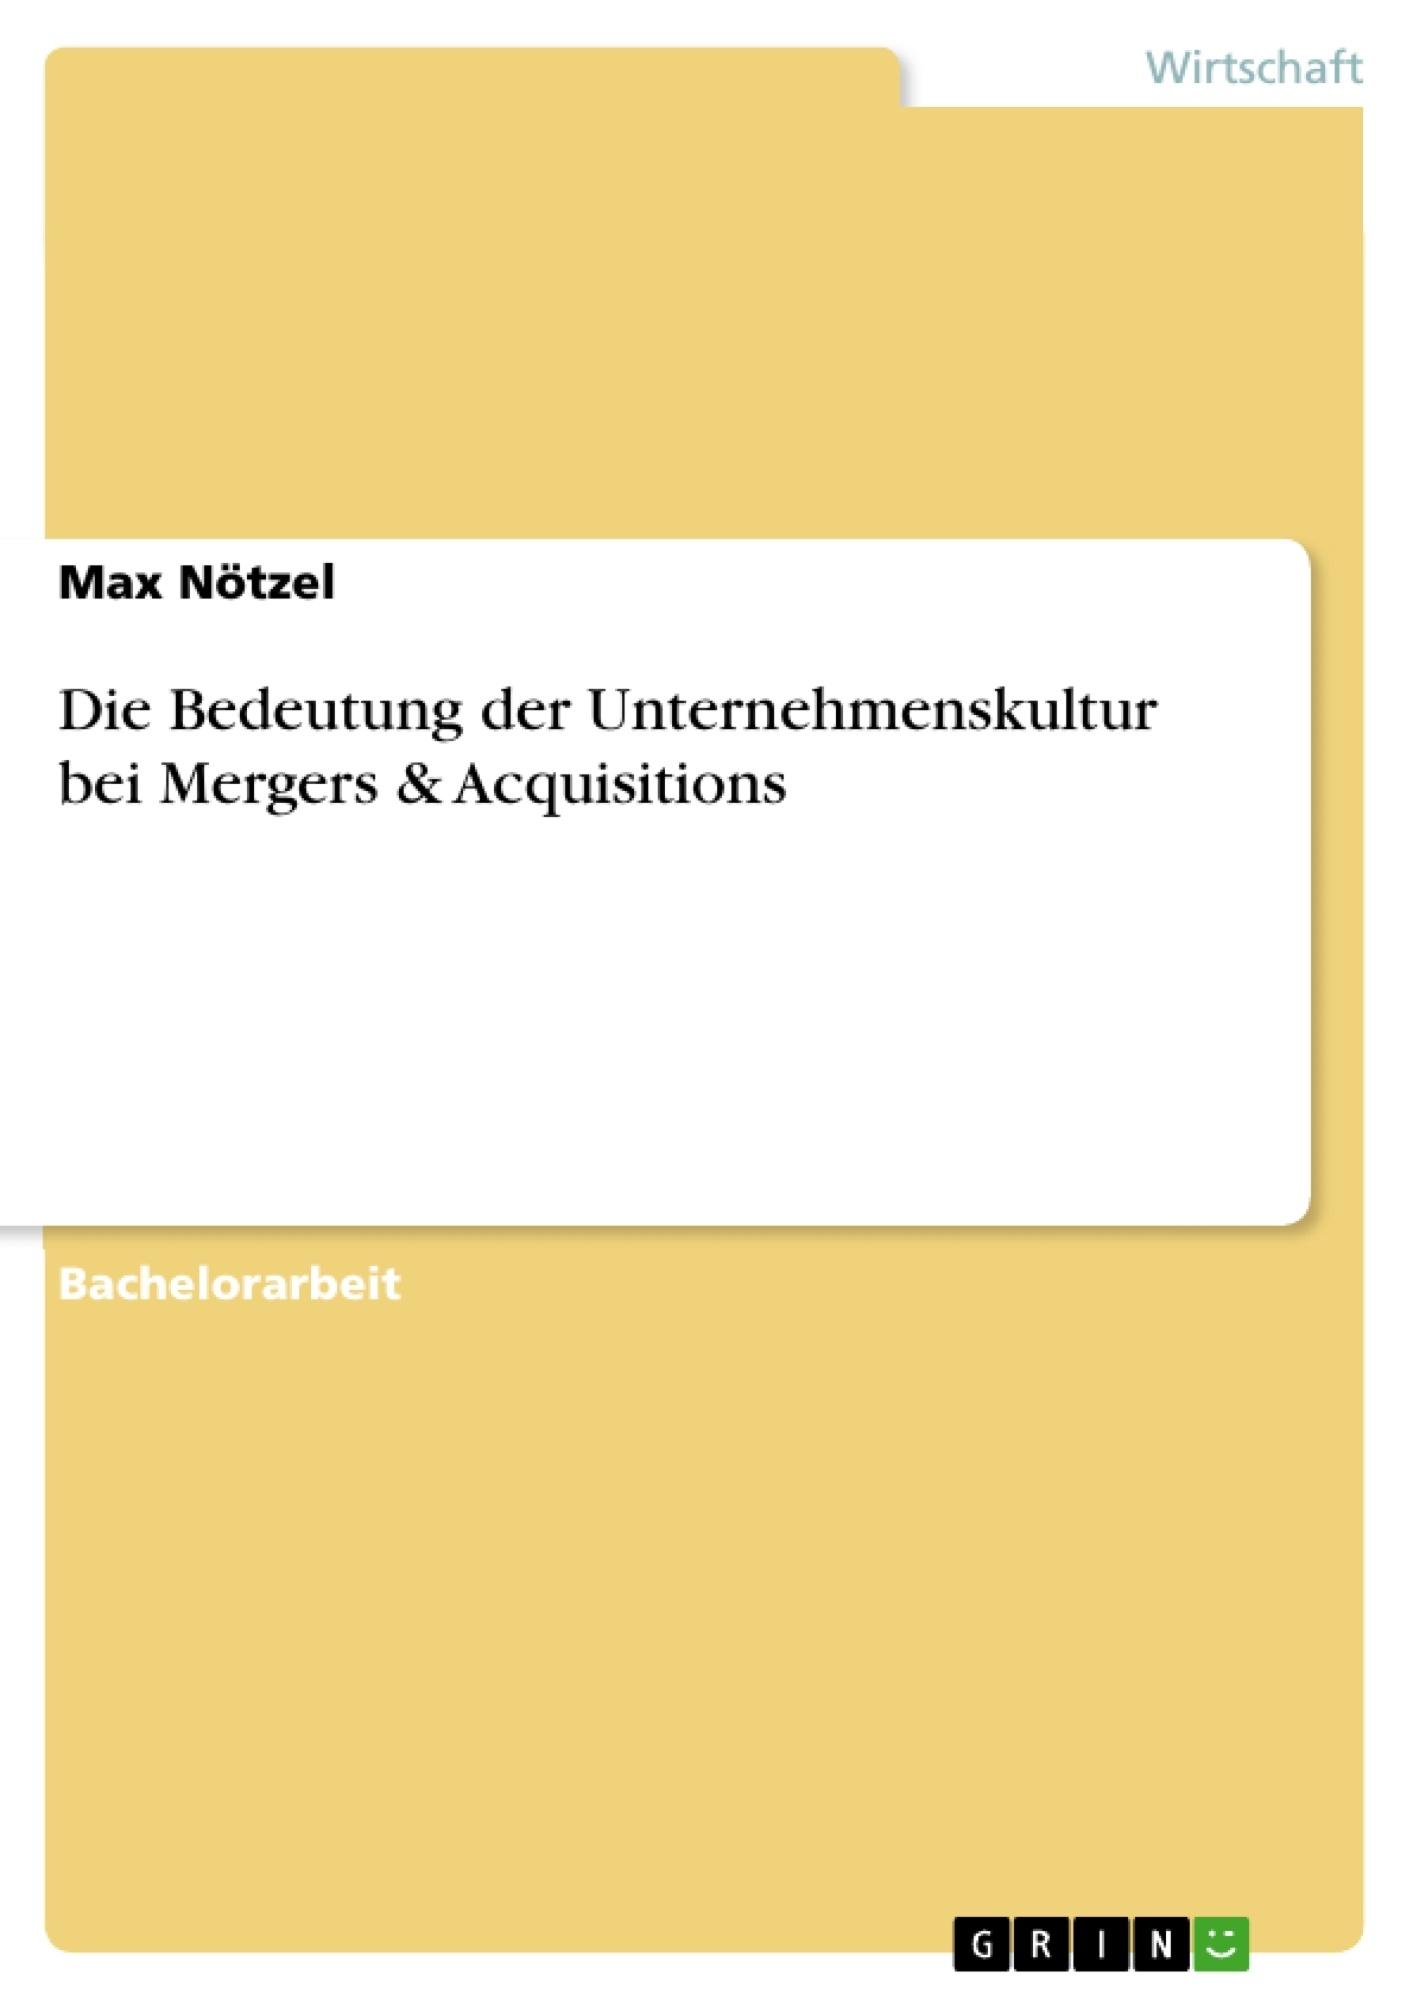 Titel: Die Bedeutung der Unternehmenskultur bei Mergers & Acquisitions